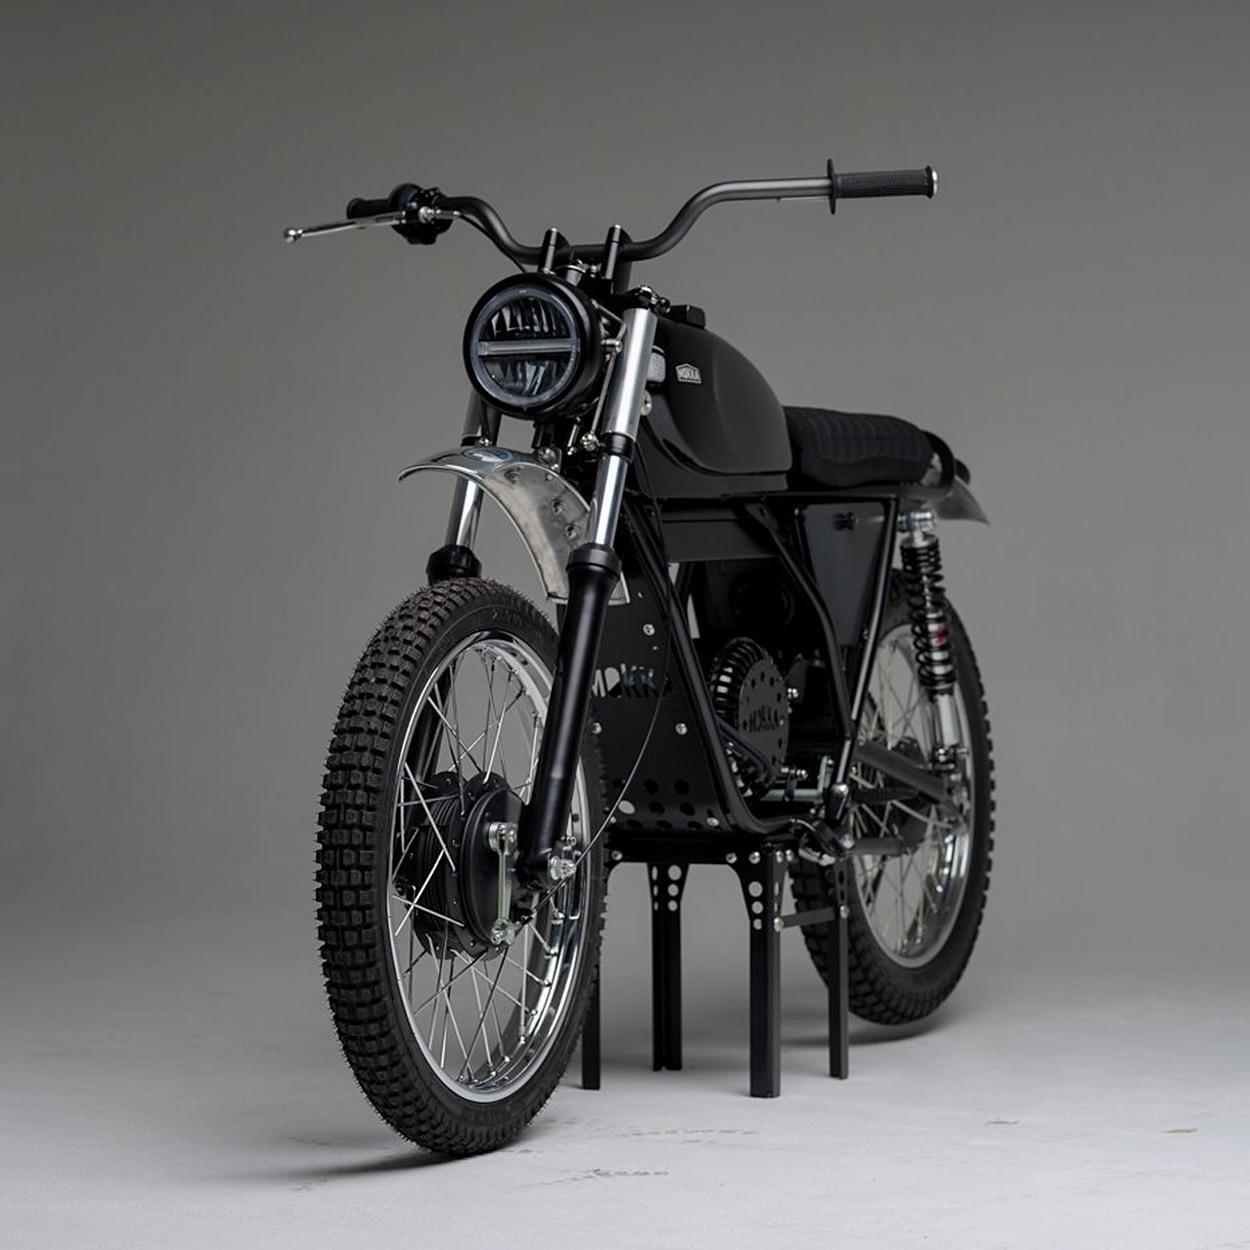 Garelli Electric Conversion by Mokka Cycles